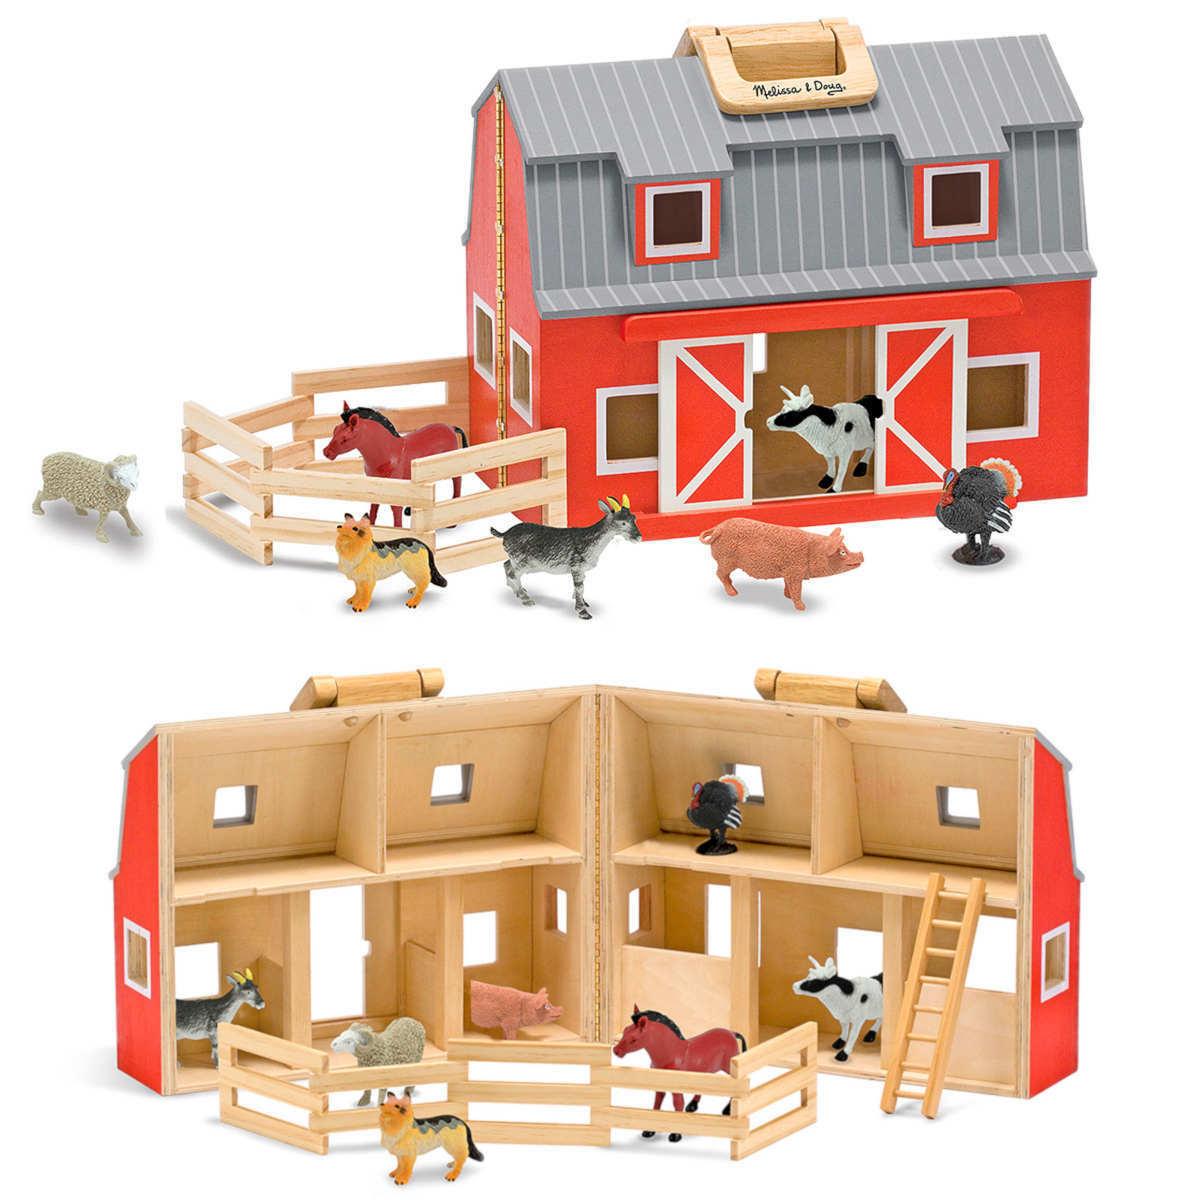 Bauernhof Klappbar, Spielzeug günstig gebraucht kaufen